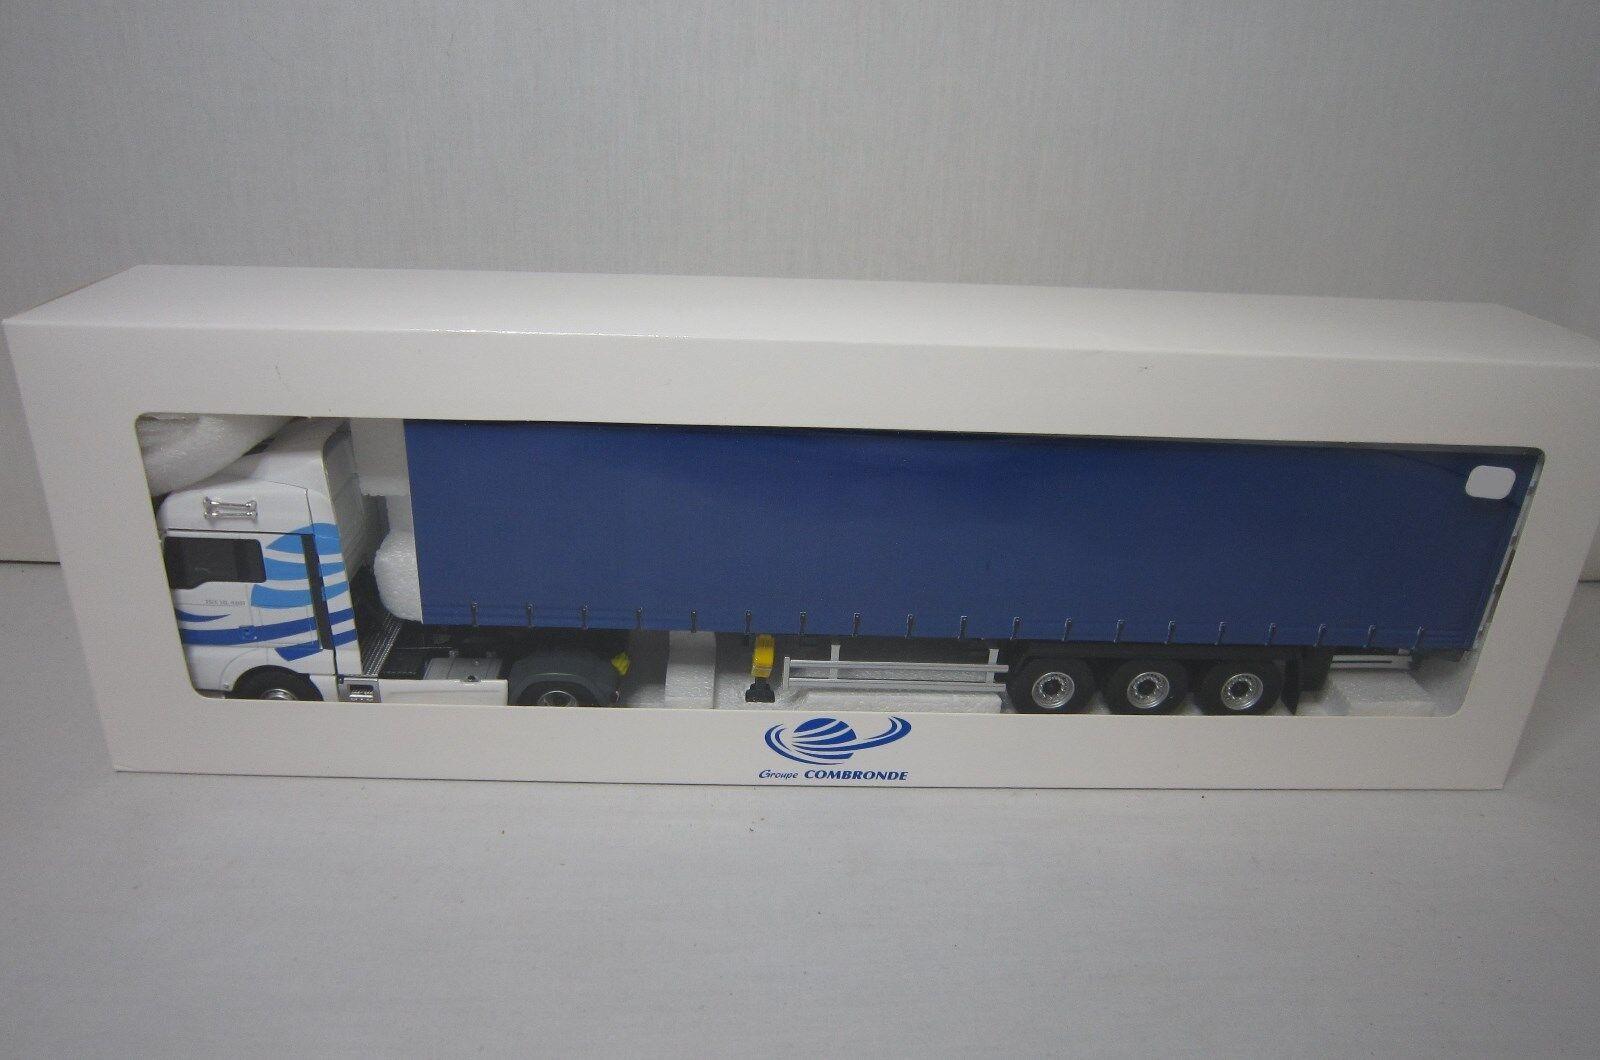 Dv6969 eligor man tgx euro 6 fridge arnaudin combronde 115594 hors commerce